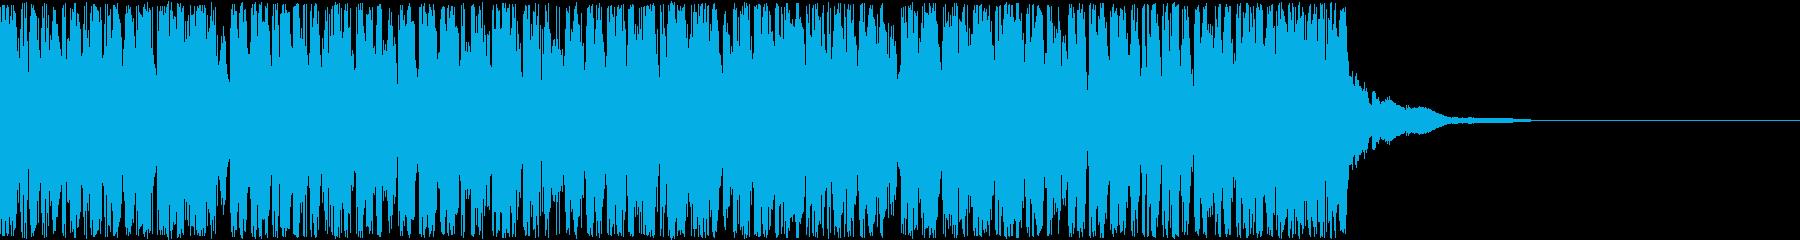 【近未来的】先に進みたくなるBGMの再生済みの波形